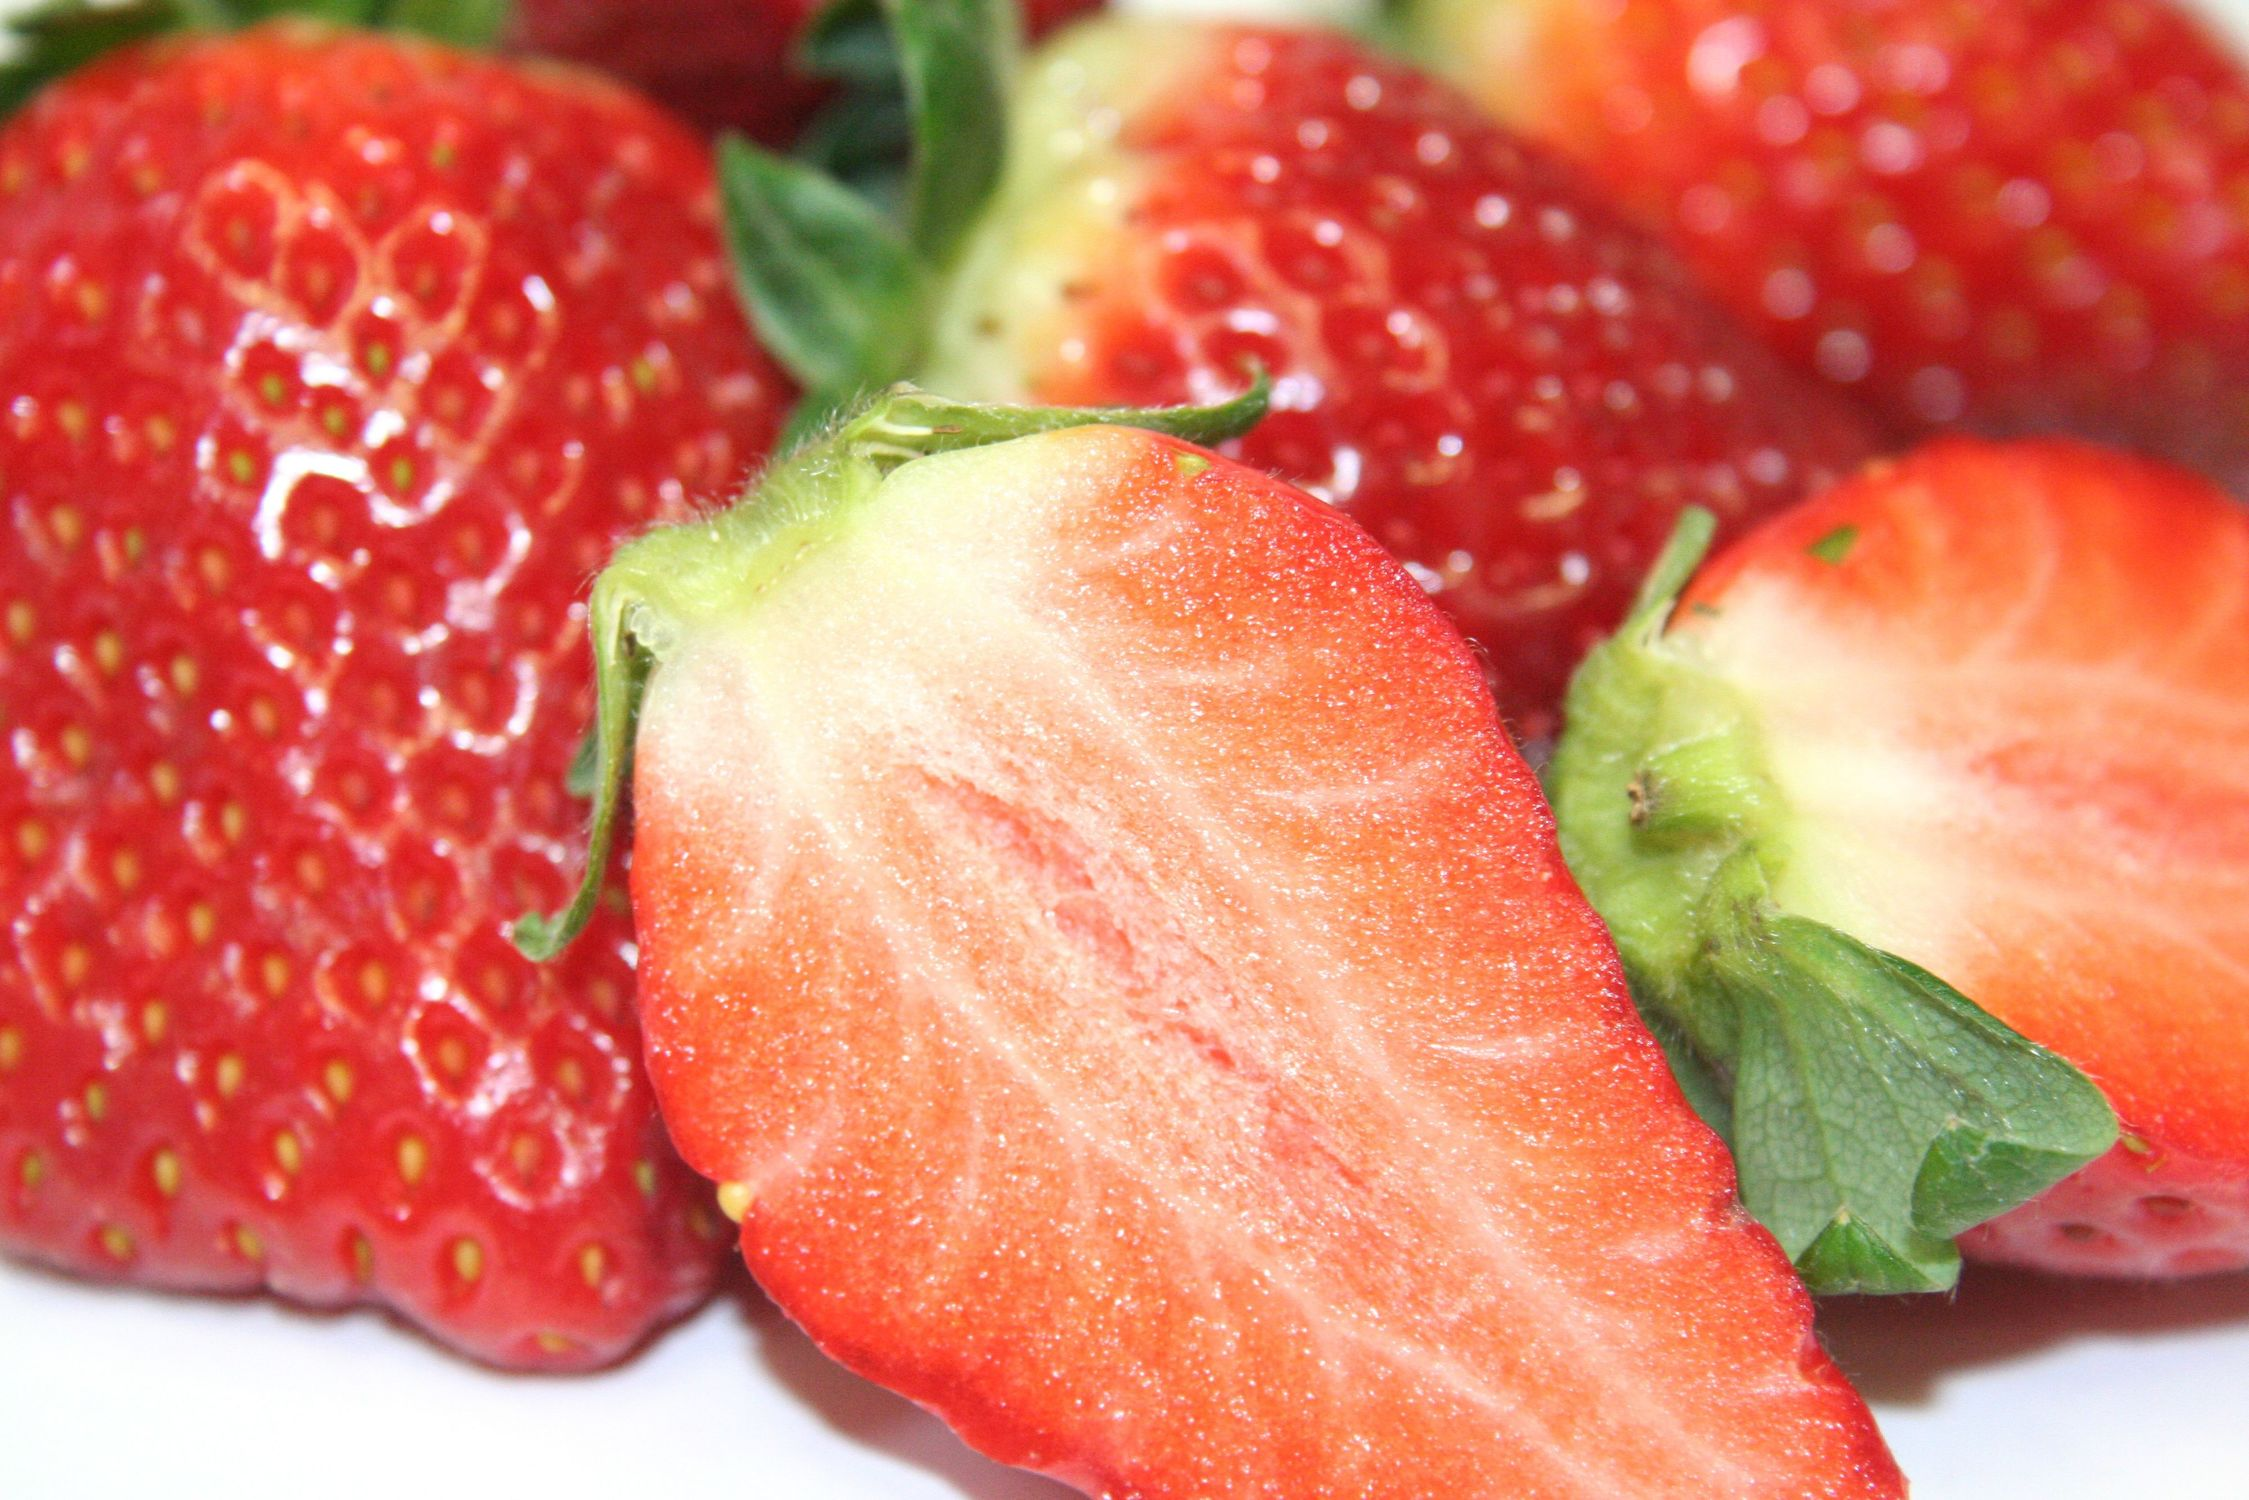 Bild mit Früchte, Lebensmittel, Essen, Rot, Beeren, Frucht, Erdbeere, Erdbeeren, leckere Erdbeeren, Strawberry